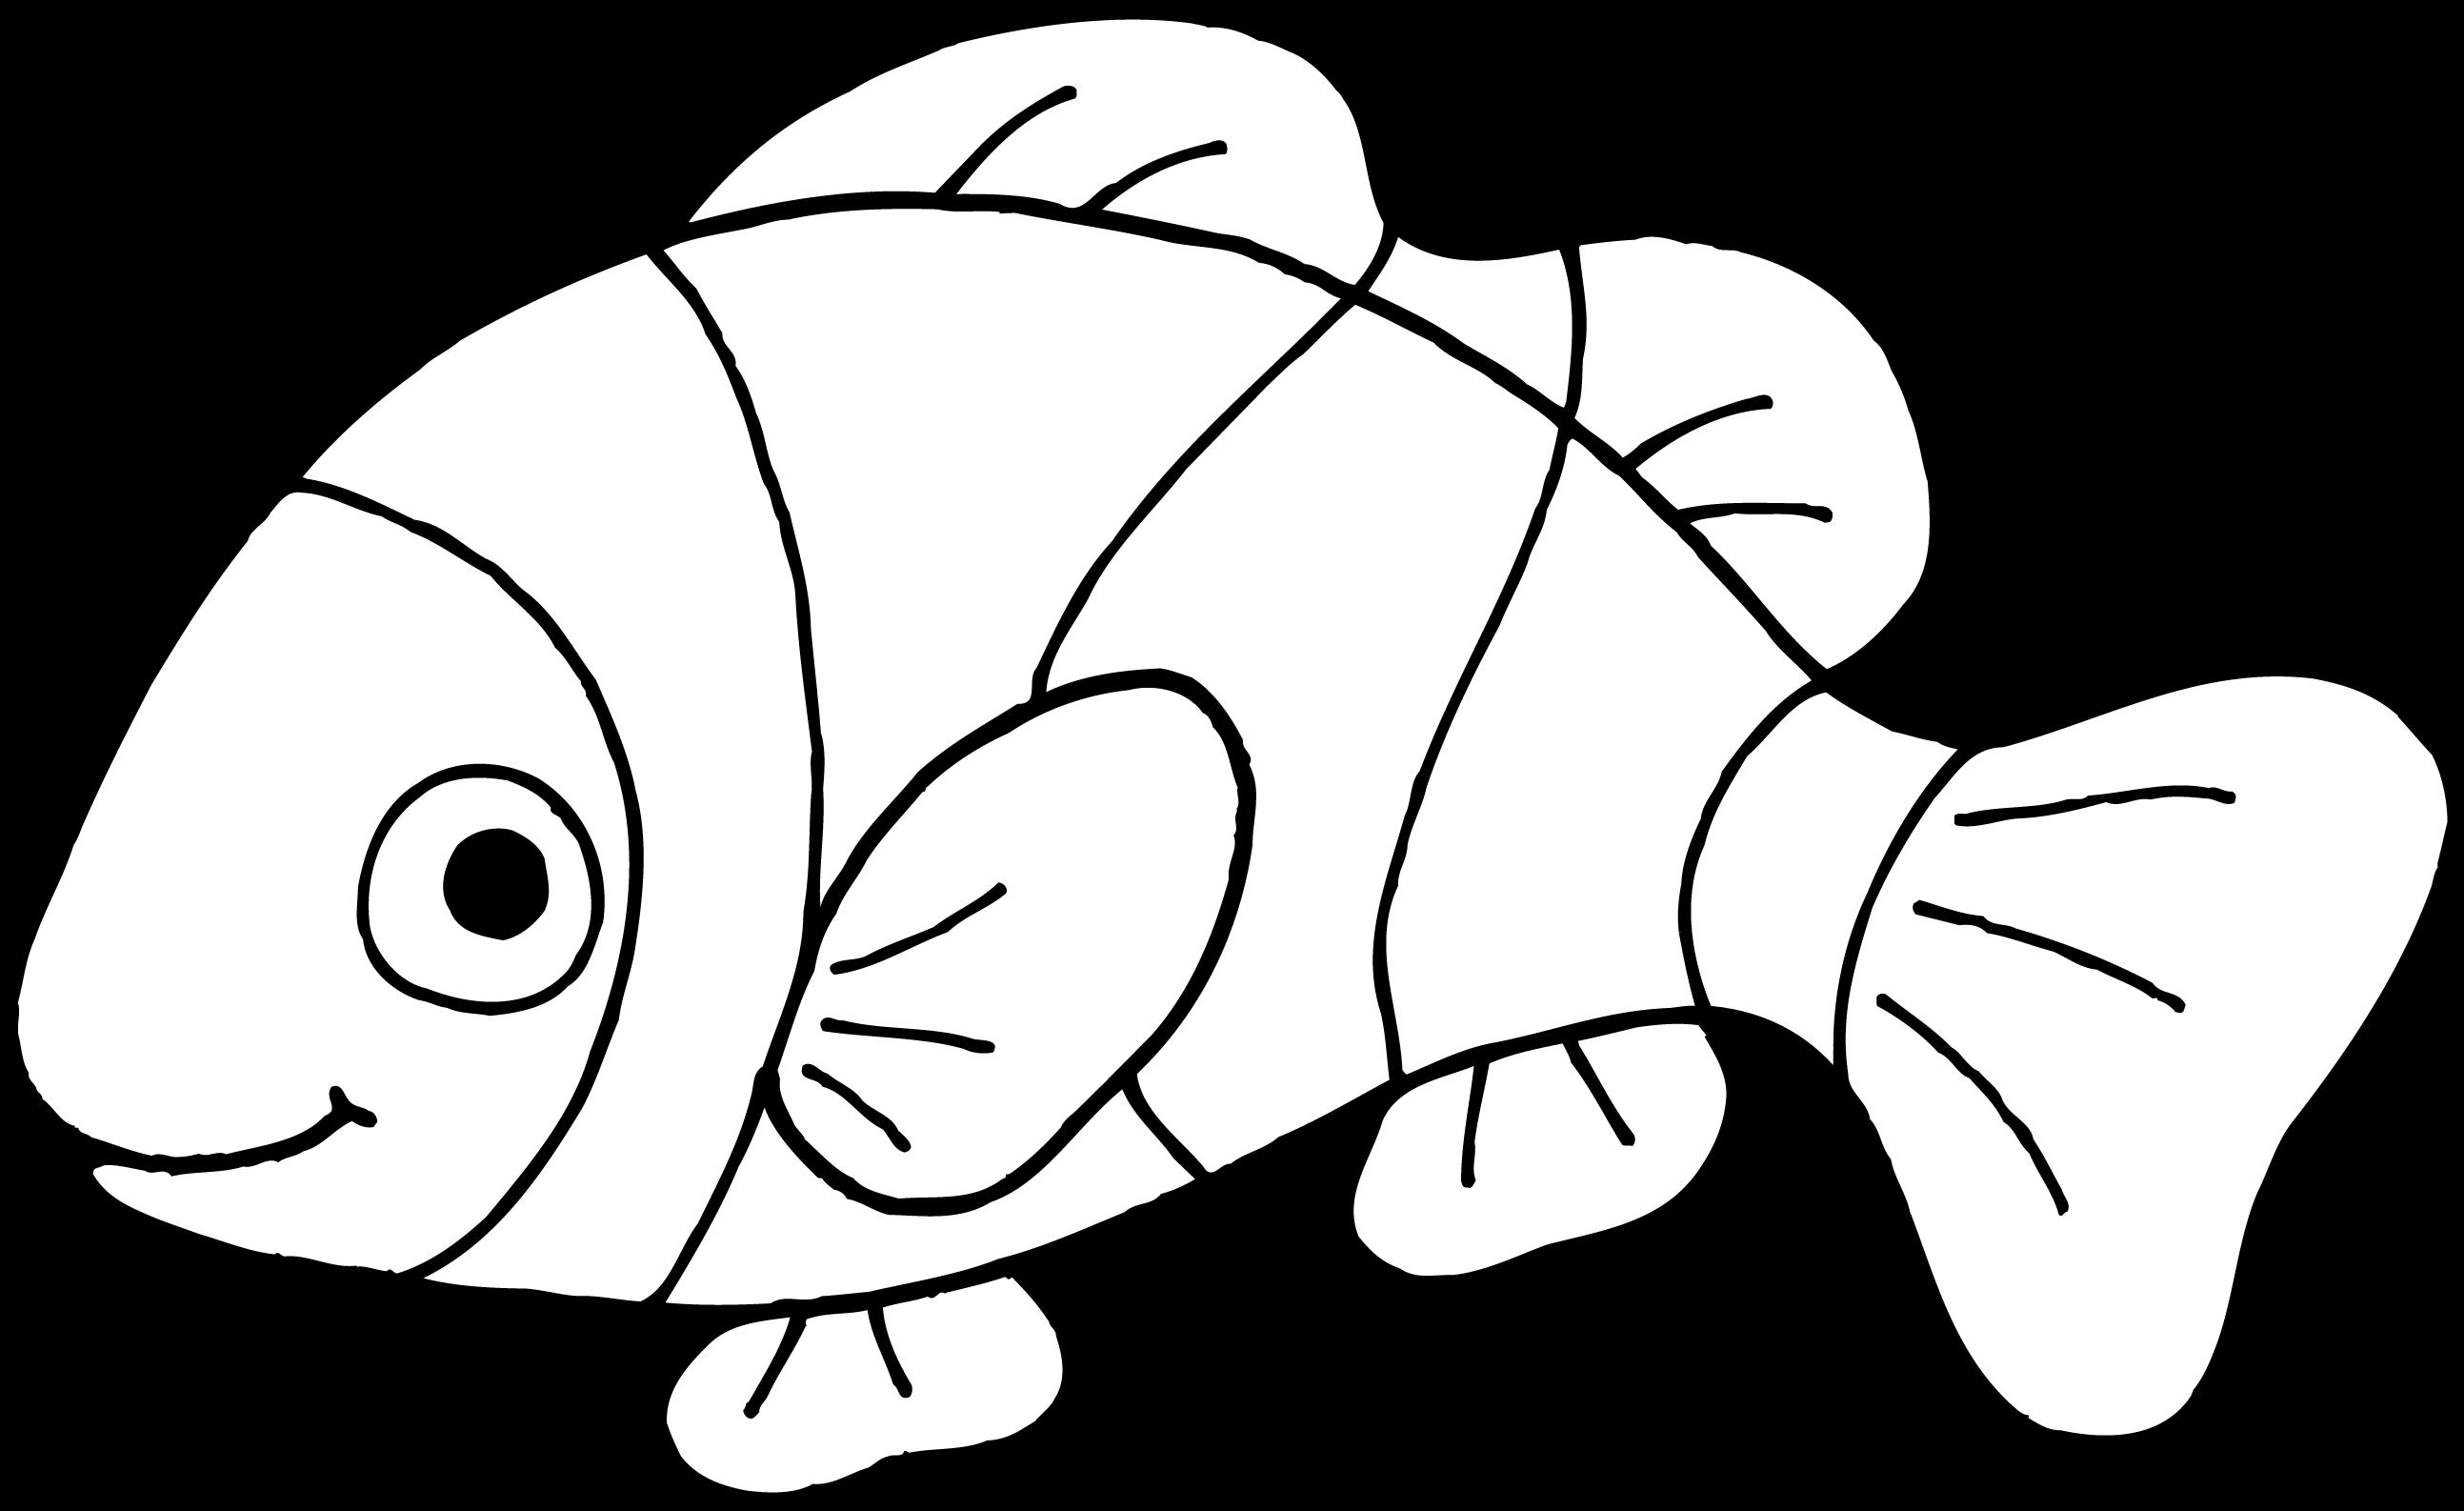 Nemo clipart black and white, Nemo black and white.